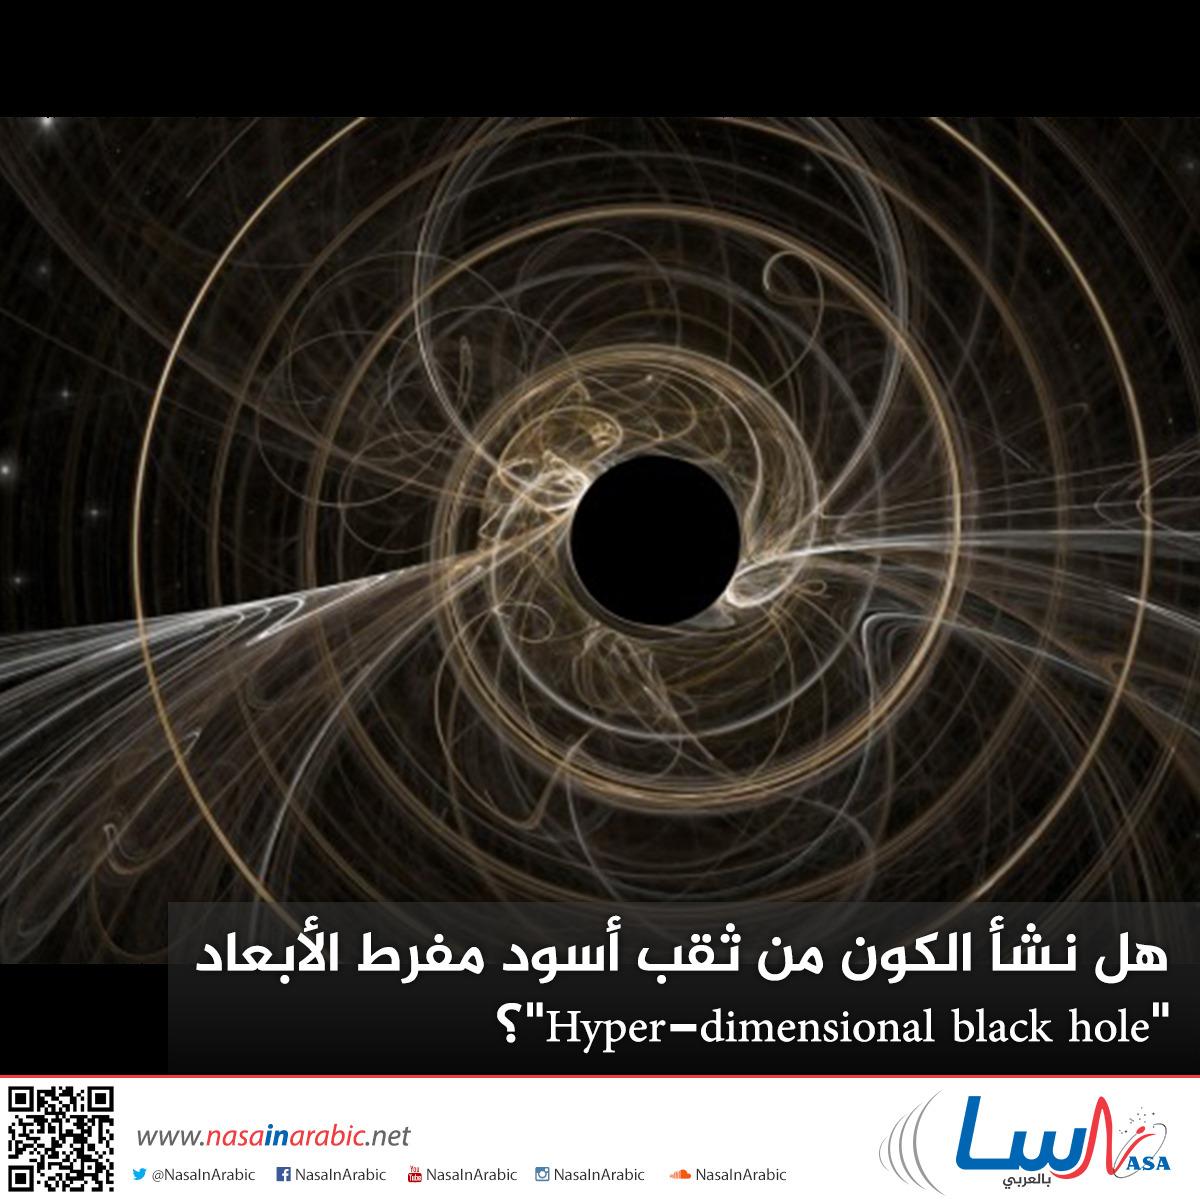 هل نشأ الكون من ثقب أسود مفرط الأبعاد